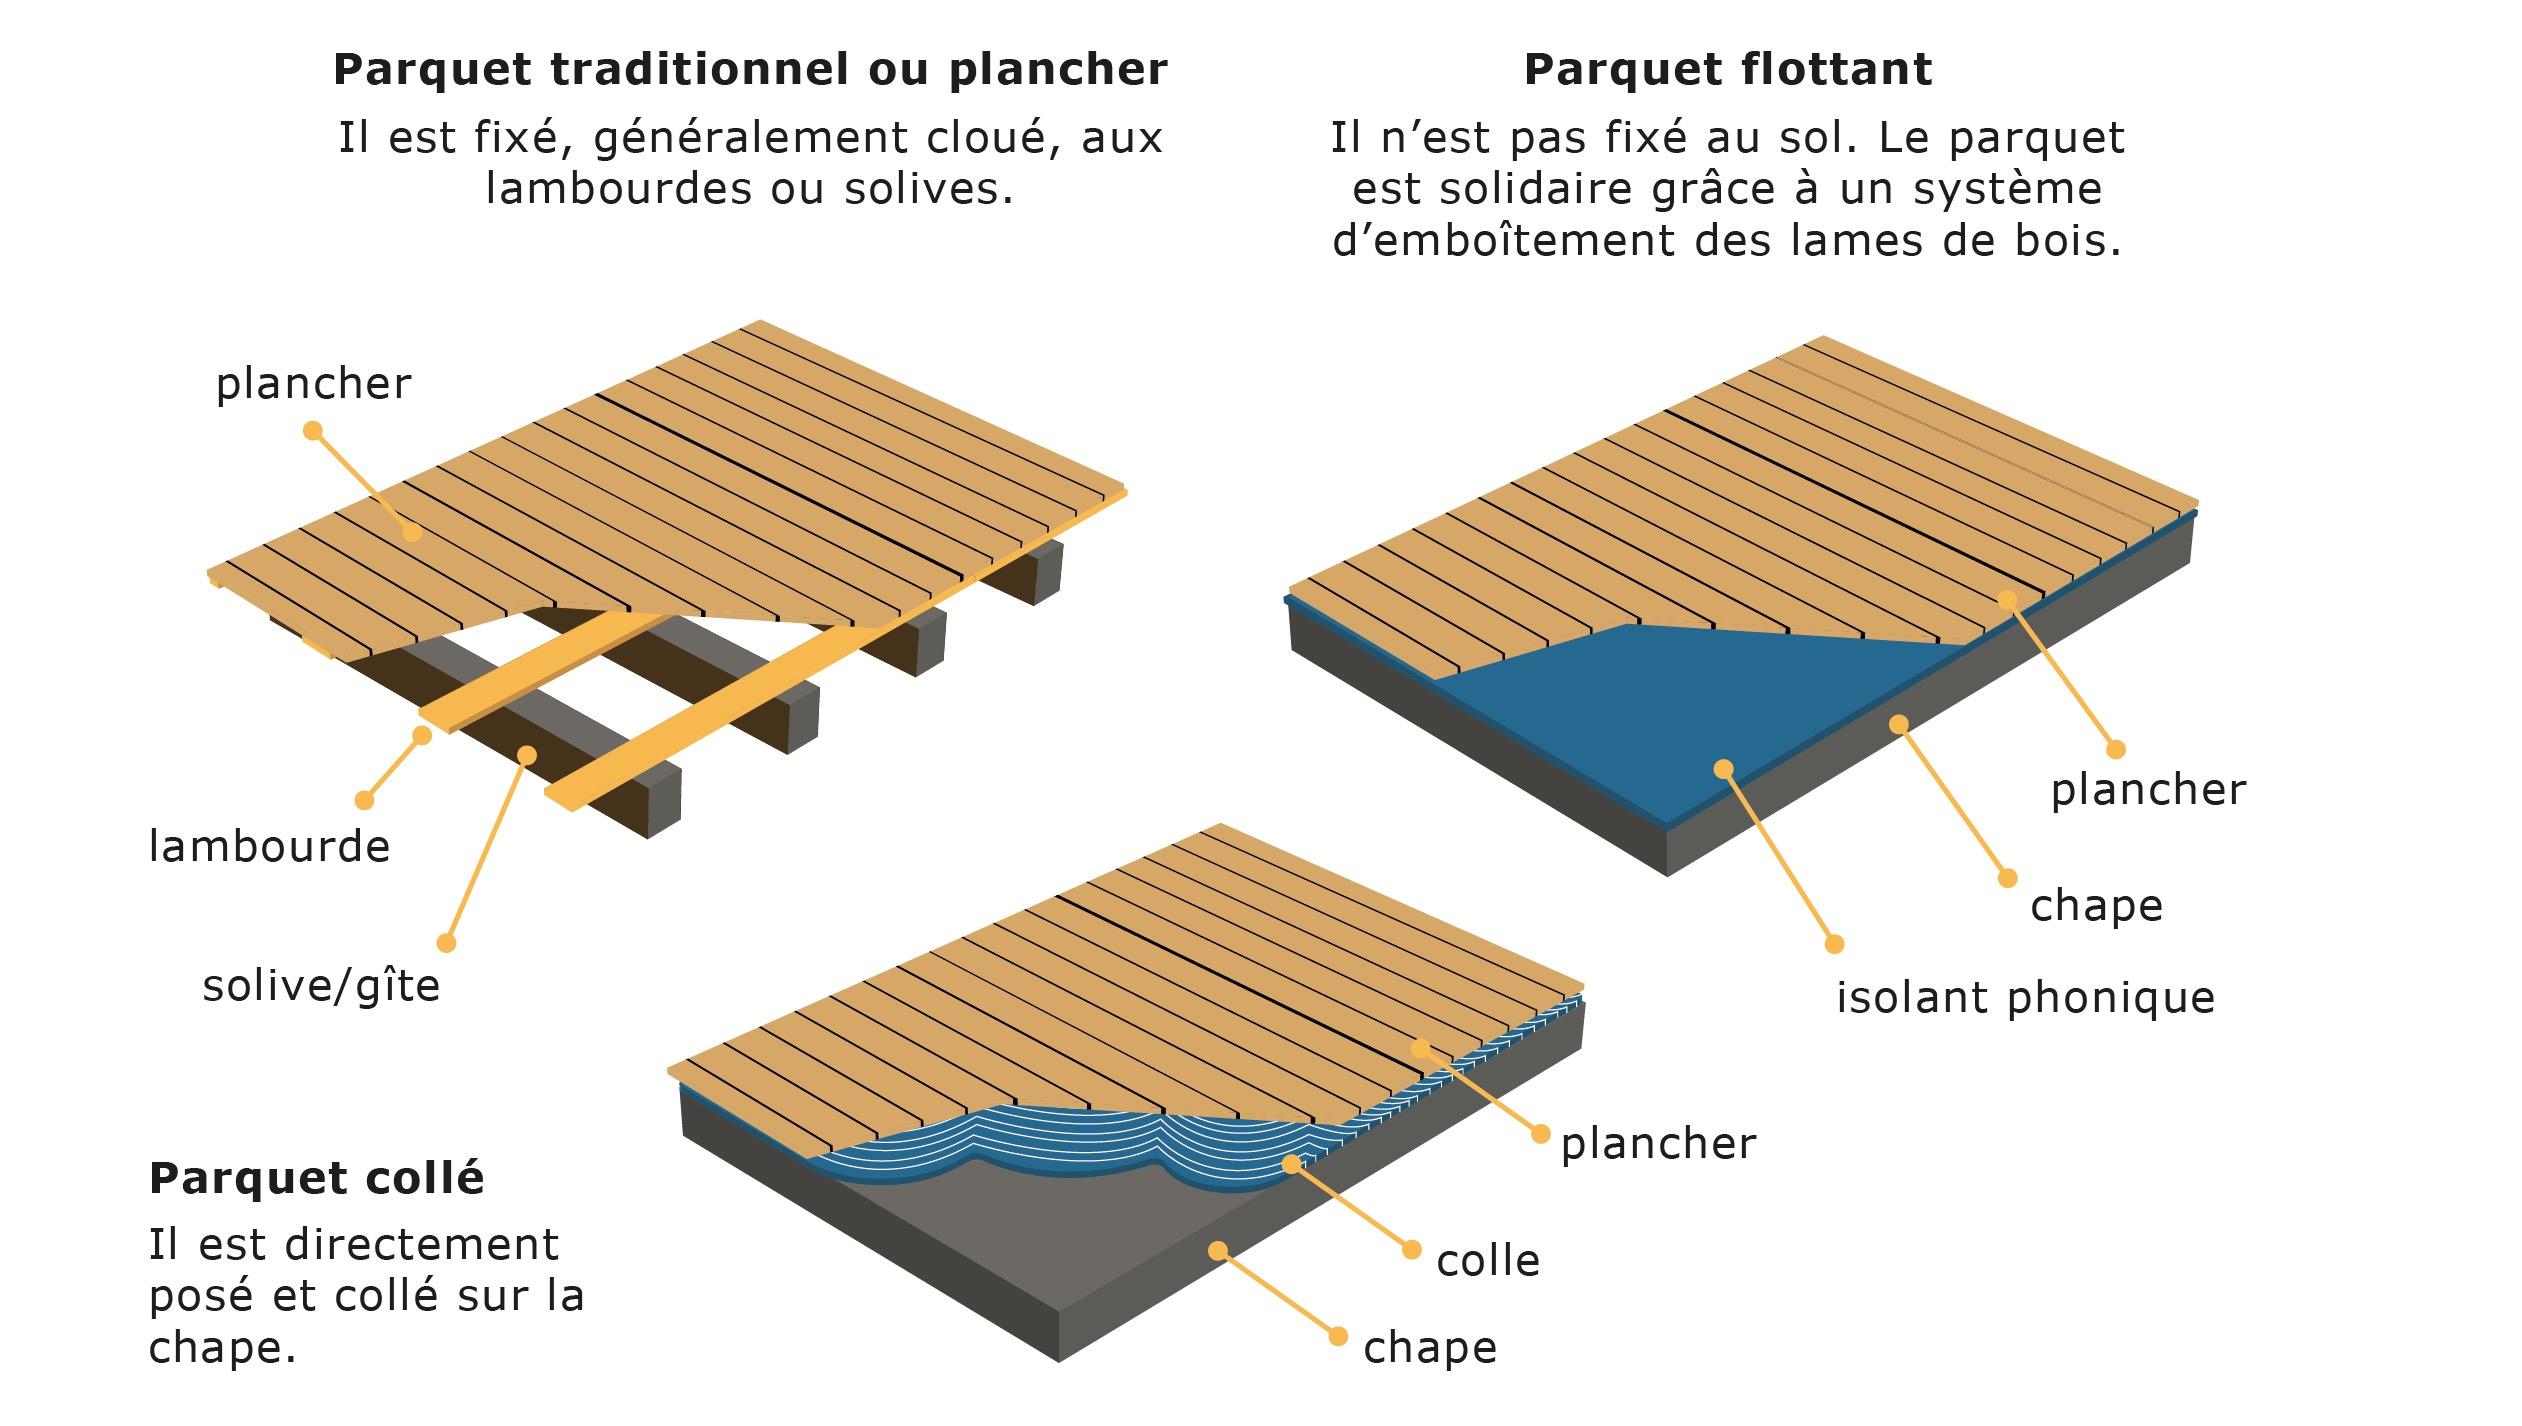 Isolation phonique parquet flottant interesting isolation - Quelle sous couche pour parquet flottant ...